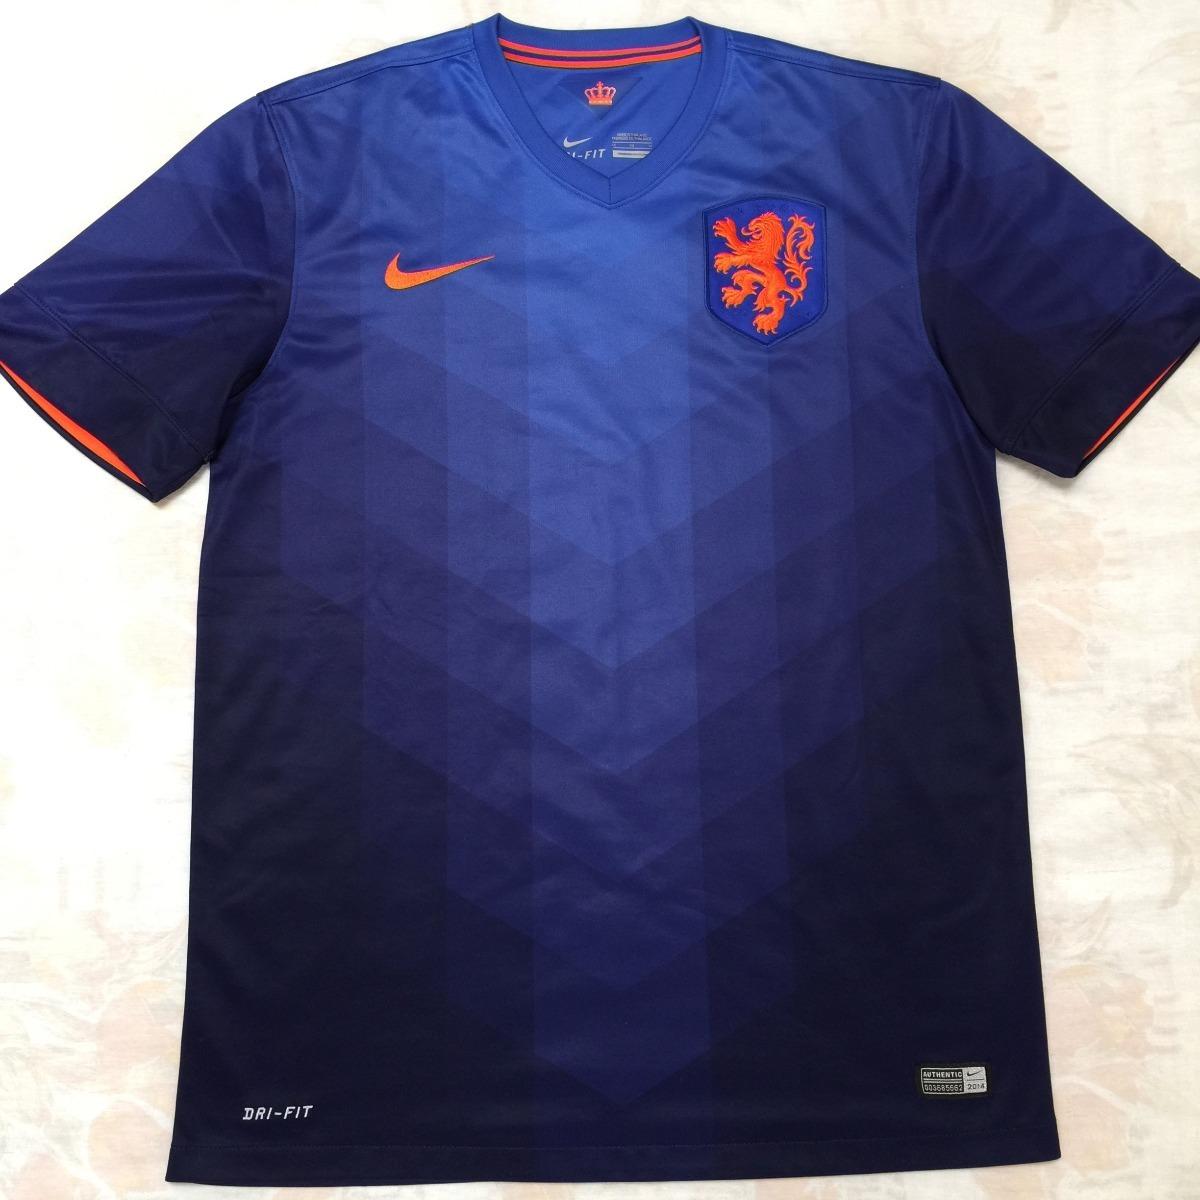 cb8bc75398 577963-471 Camisa Nike Holanda Away 2014 M Azul Fn1608 - R  1.999